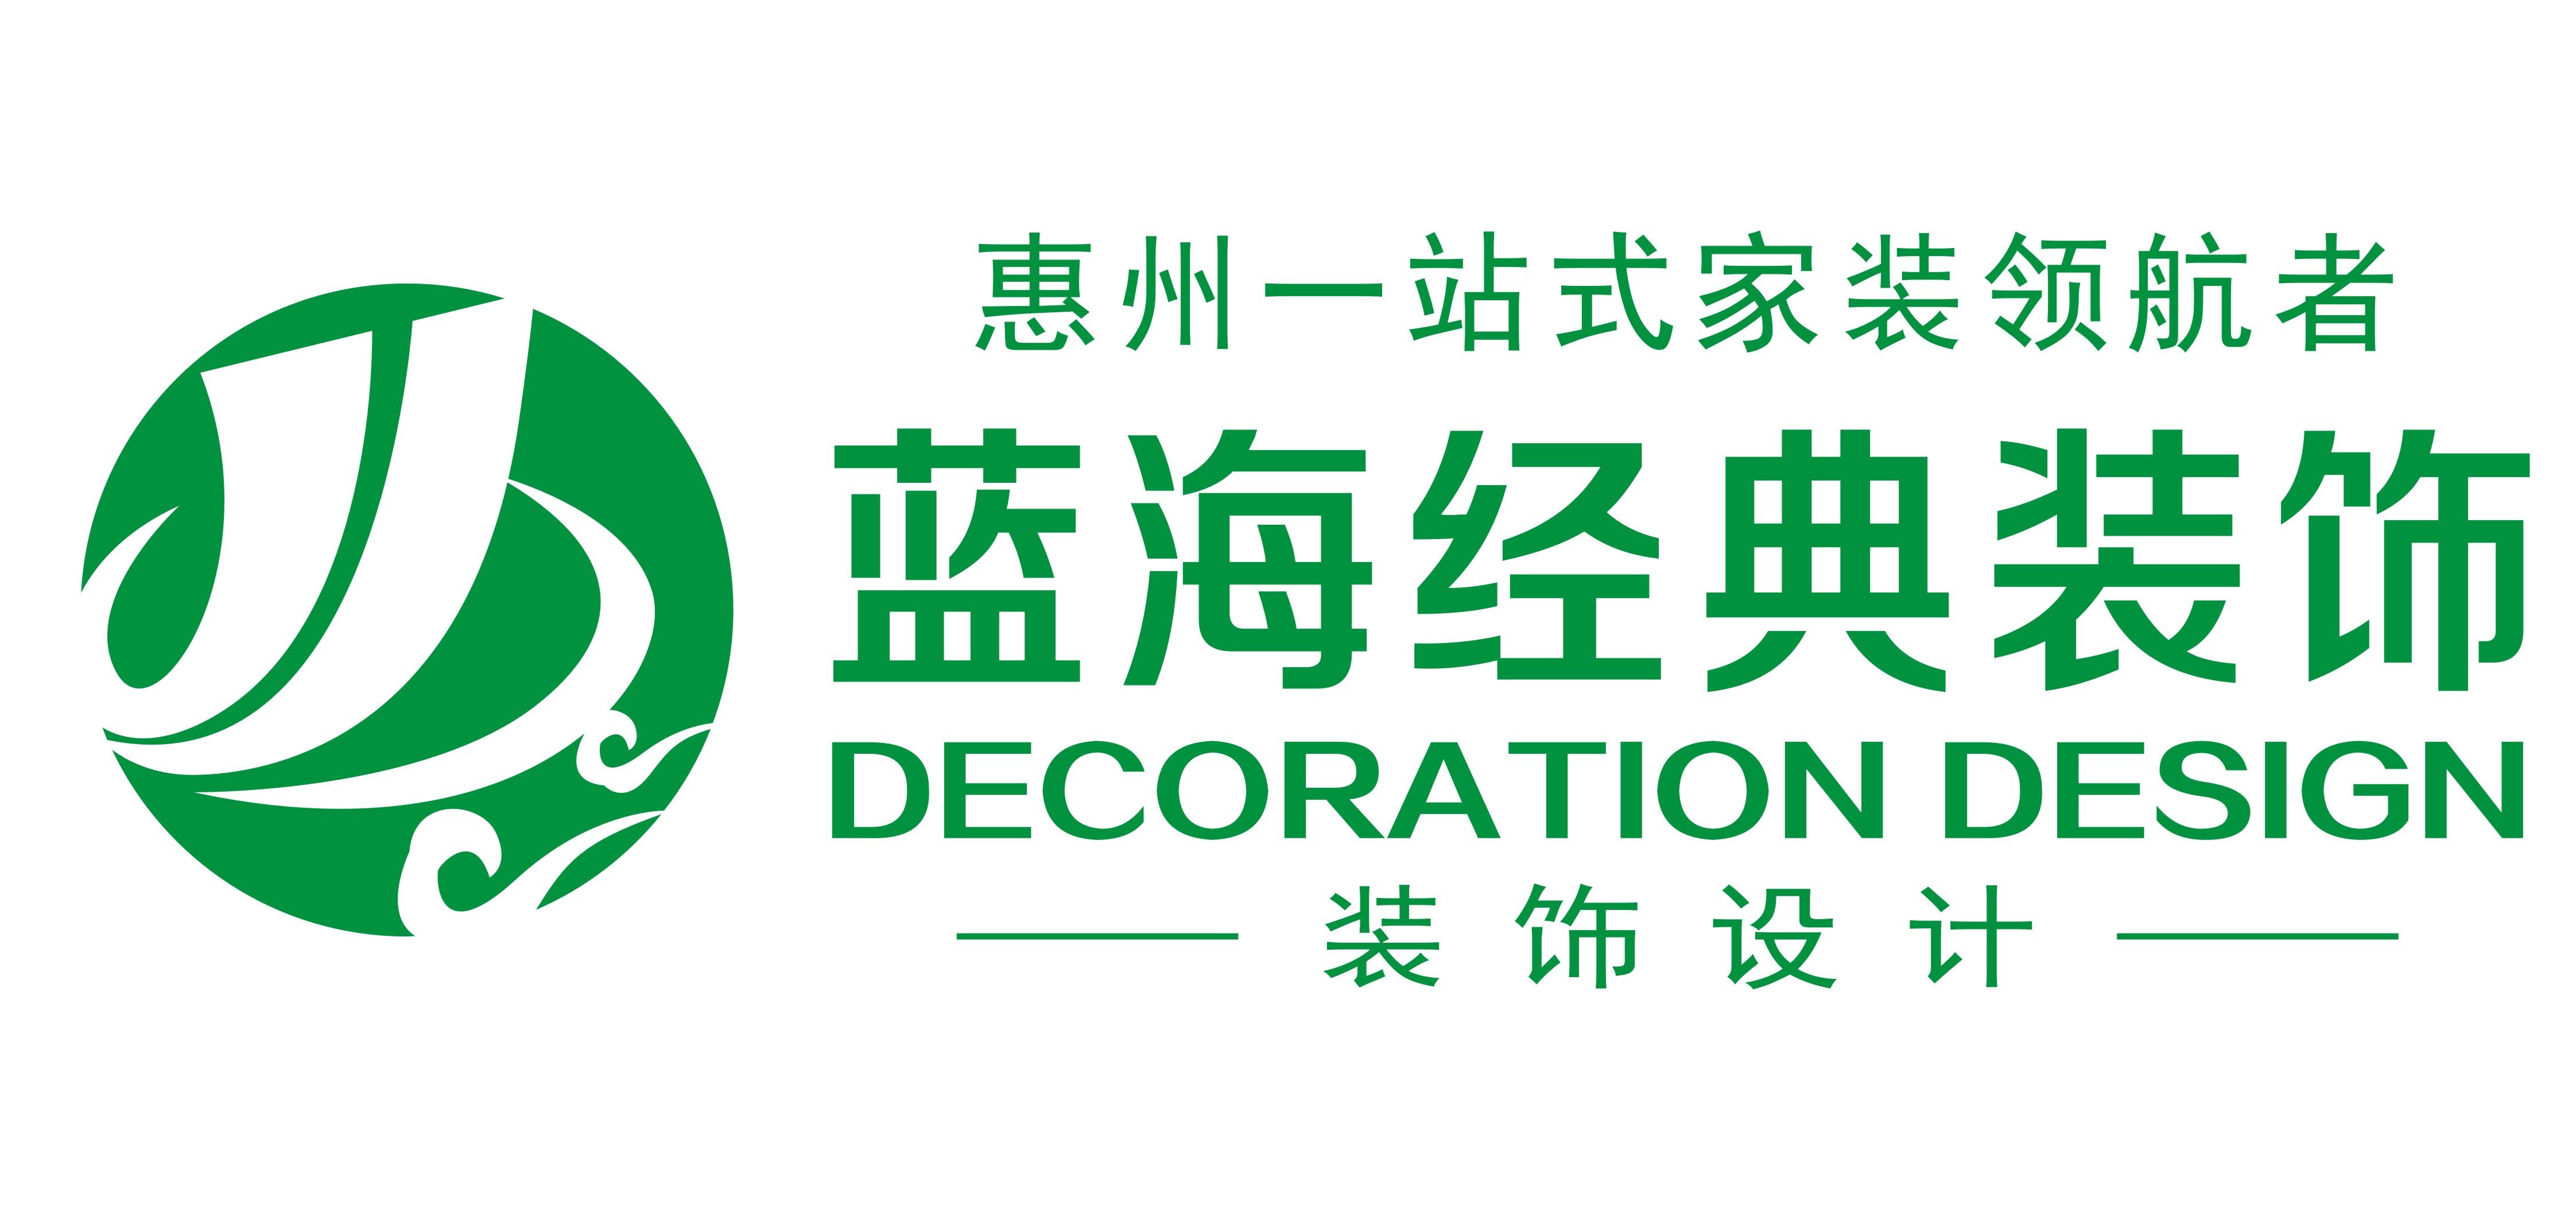 惠州市蓝海经典装饰设计工程有限公司